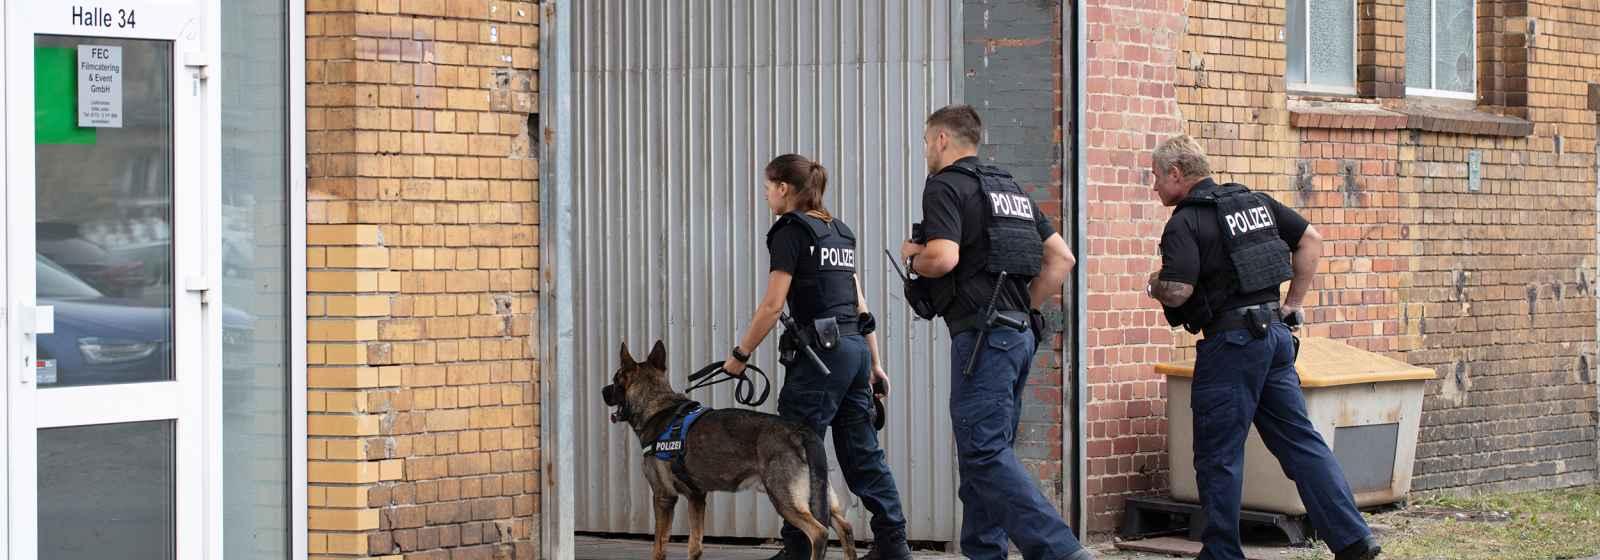 Deutschland, Berlin, Polizei